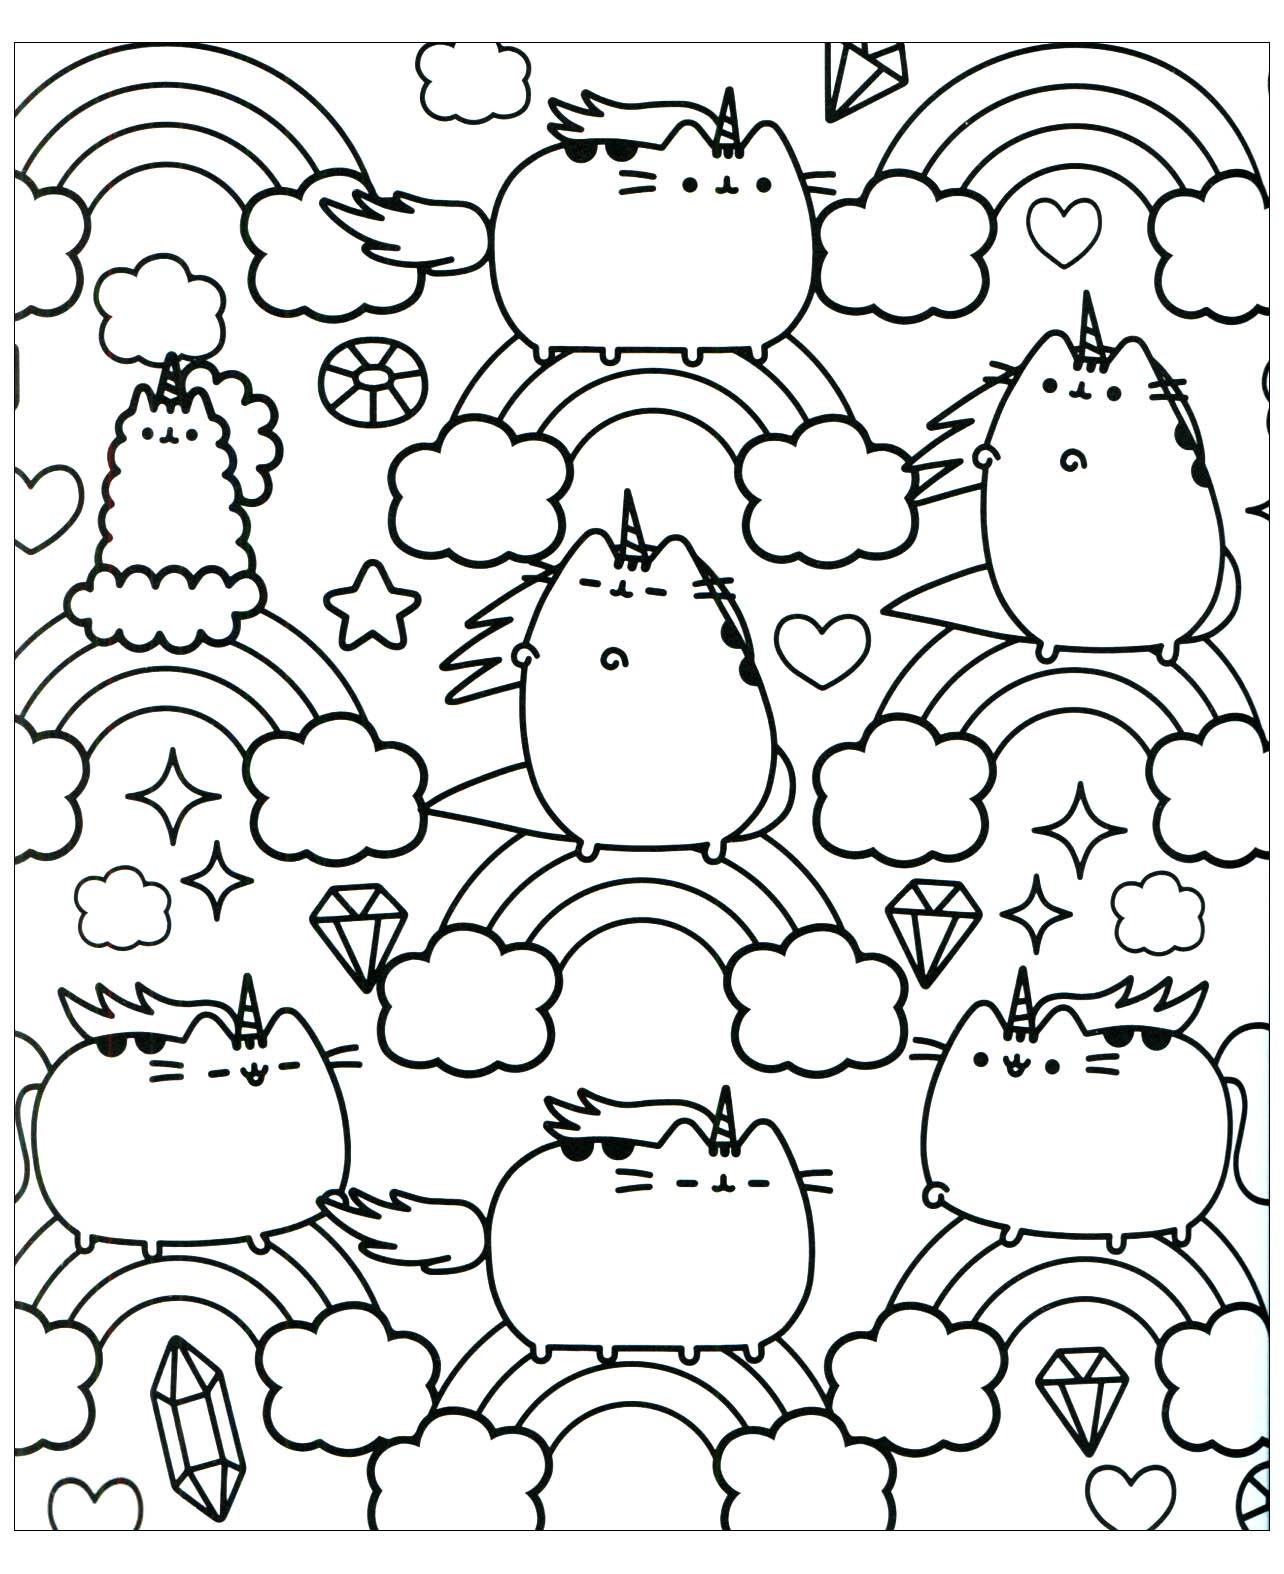 Malbuch Fur Erwachsene  : Gekritzelkunst / Gekritzel - 1 - Dieses Bild enthält : Pusheen, Kawaii